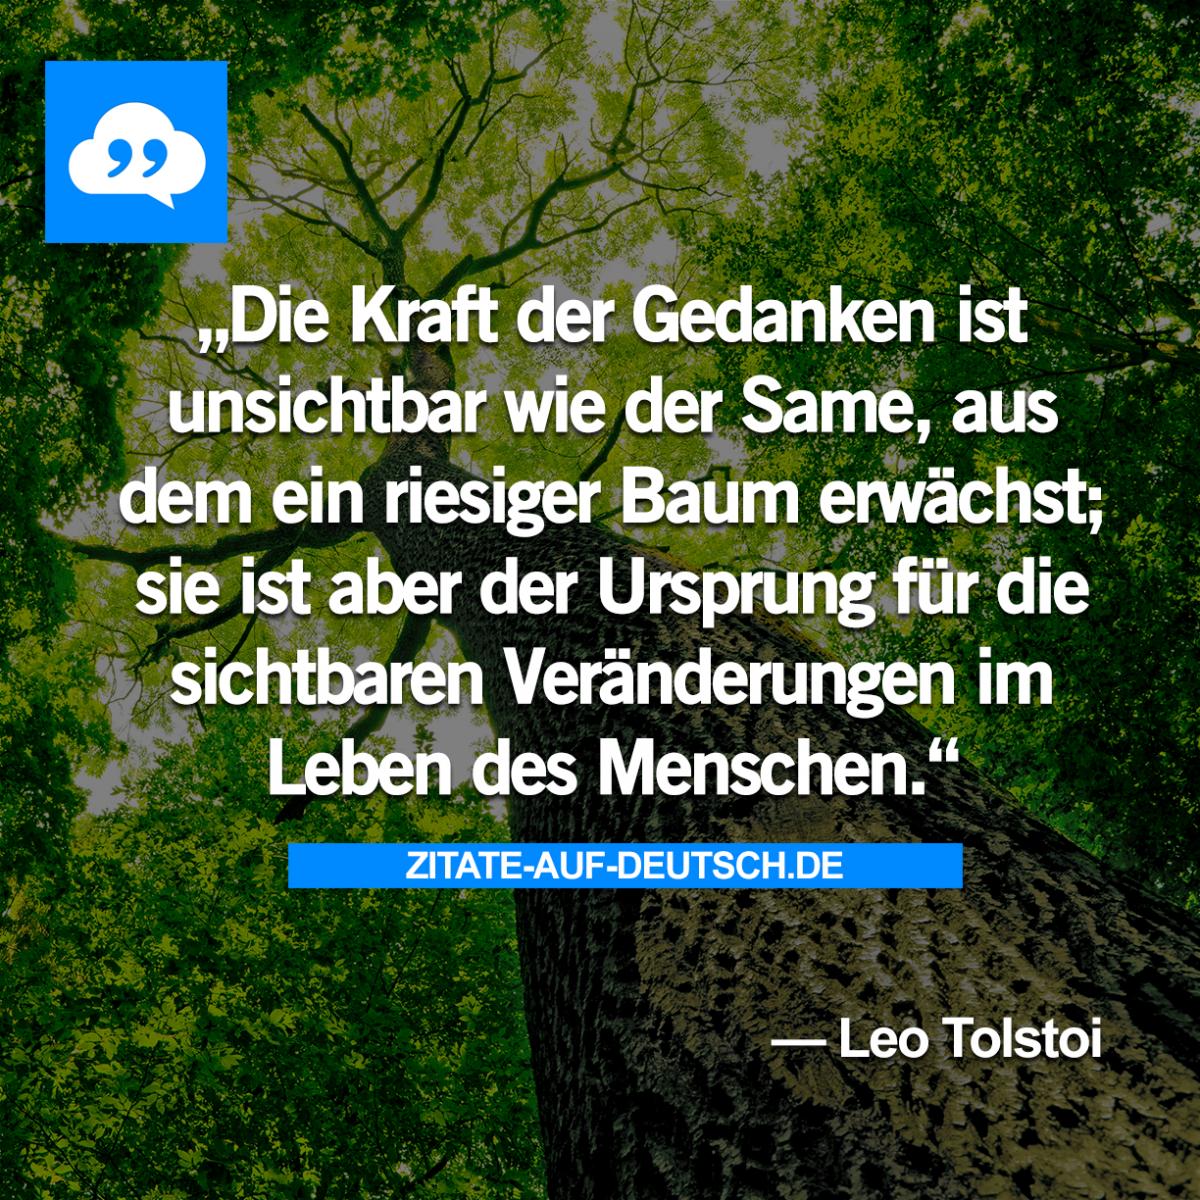 Baum, #Gedanken, #Kraft, #Menschen, #Samen, #Ursprung, #LeoTolstoi